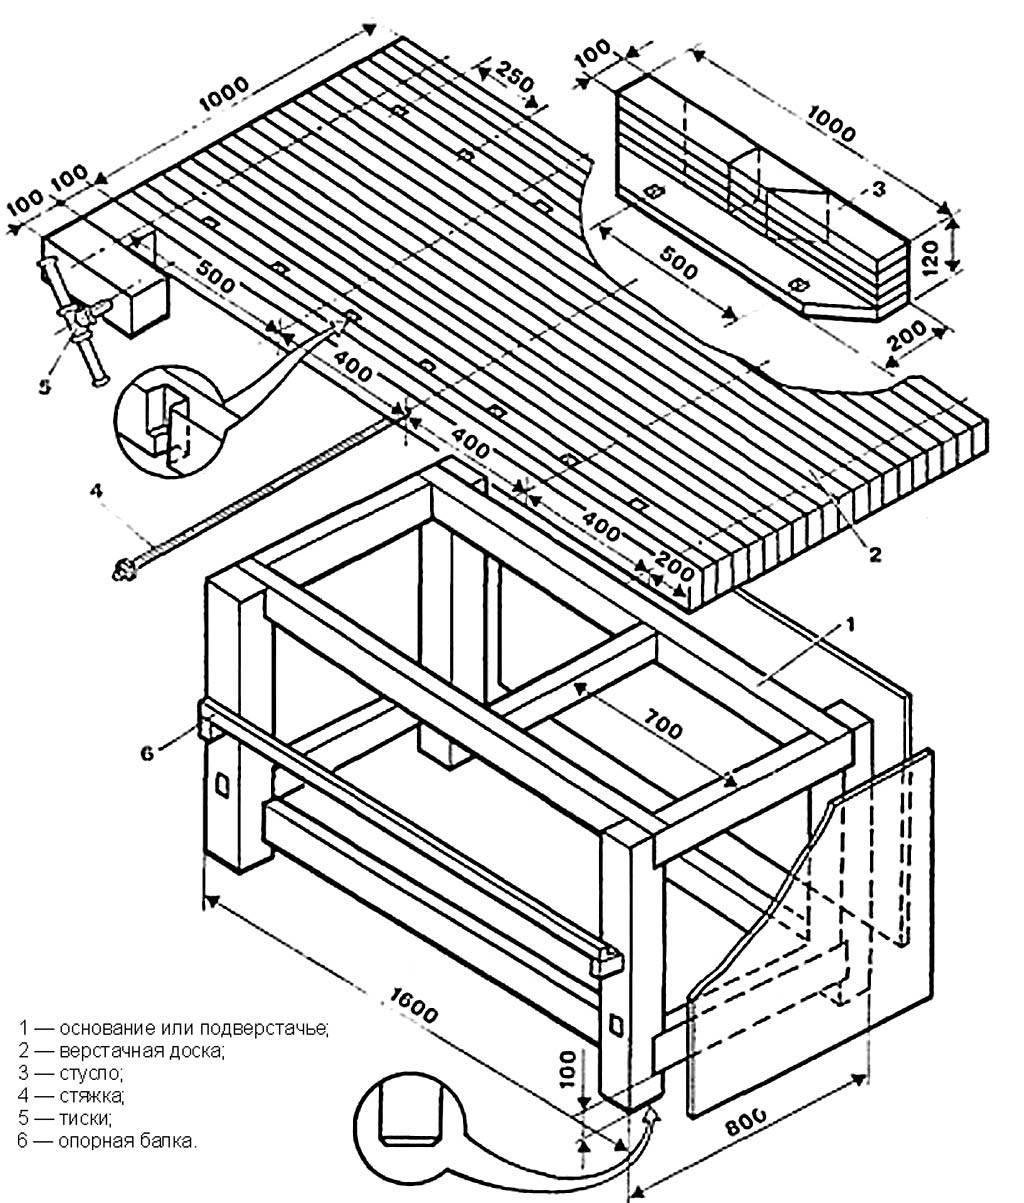 Стол из дерева своими руками: чертежи и схемы, инструменты и материалы, как сделать журнальный, кухонный, детский